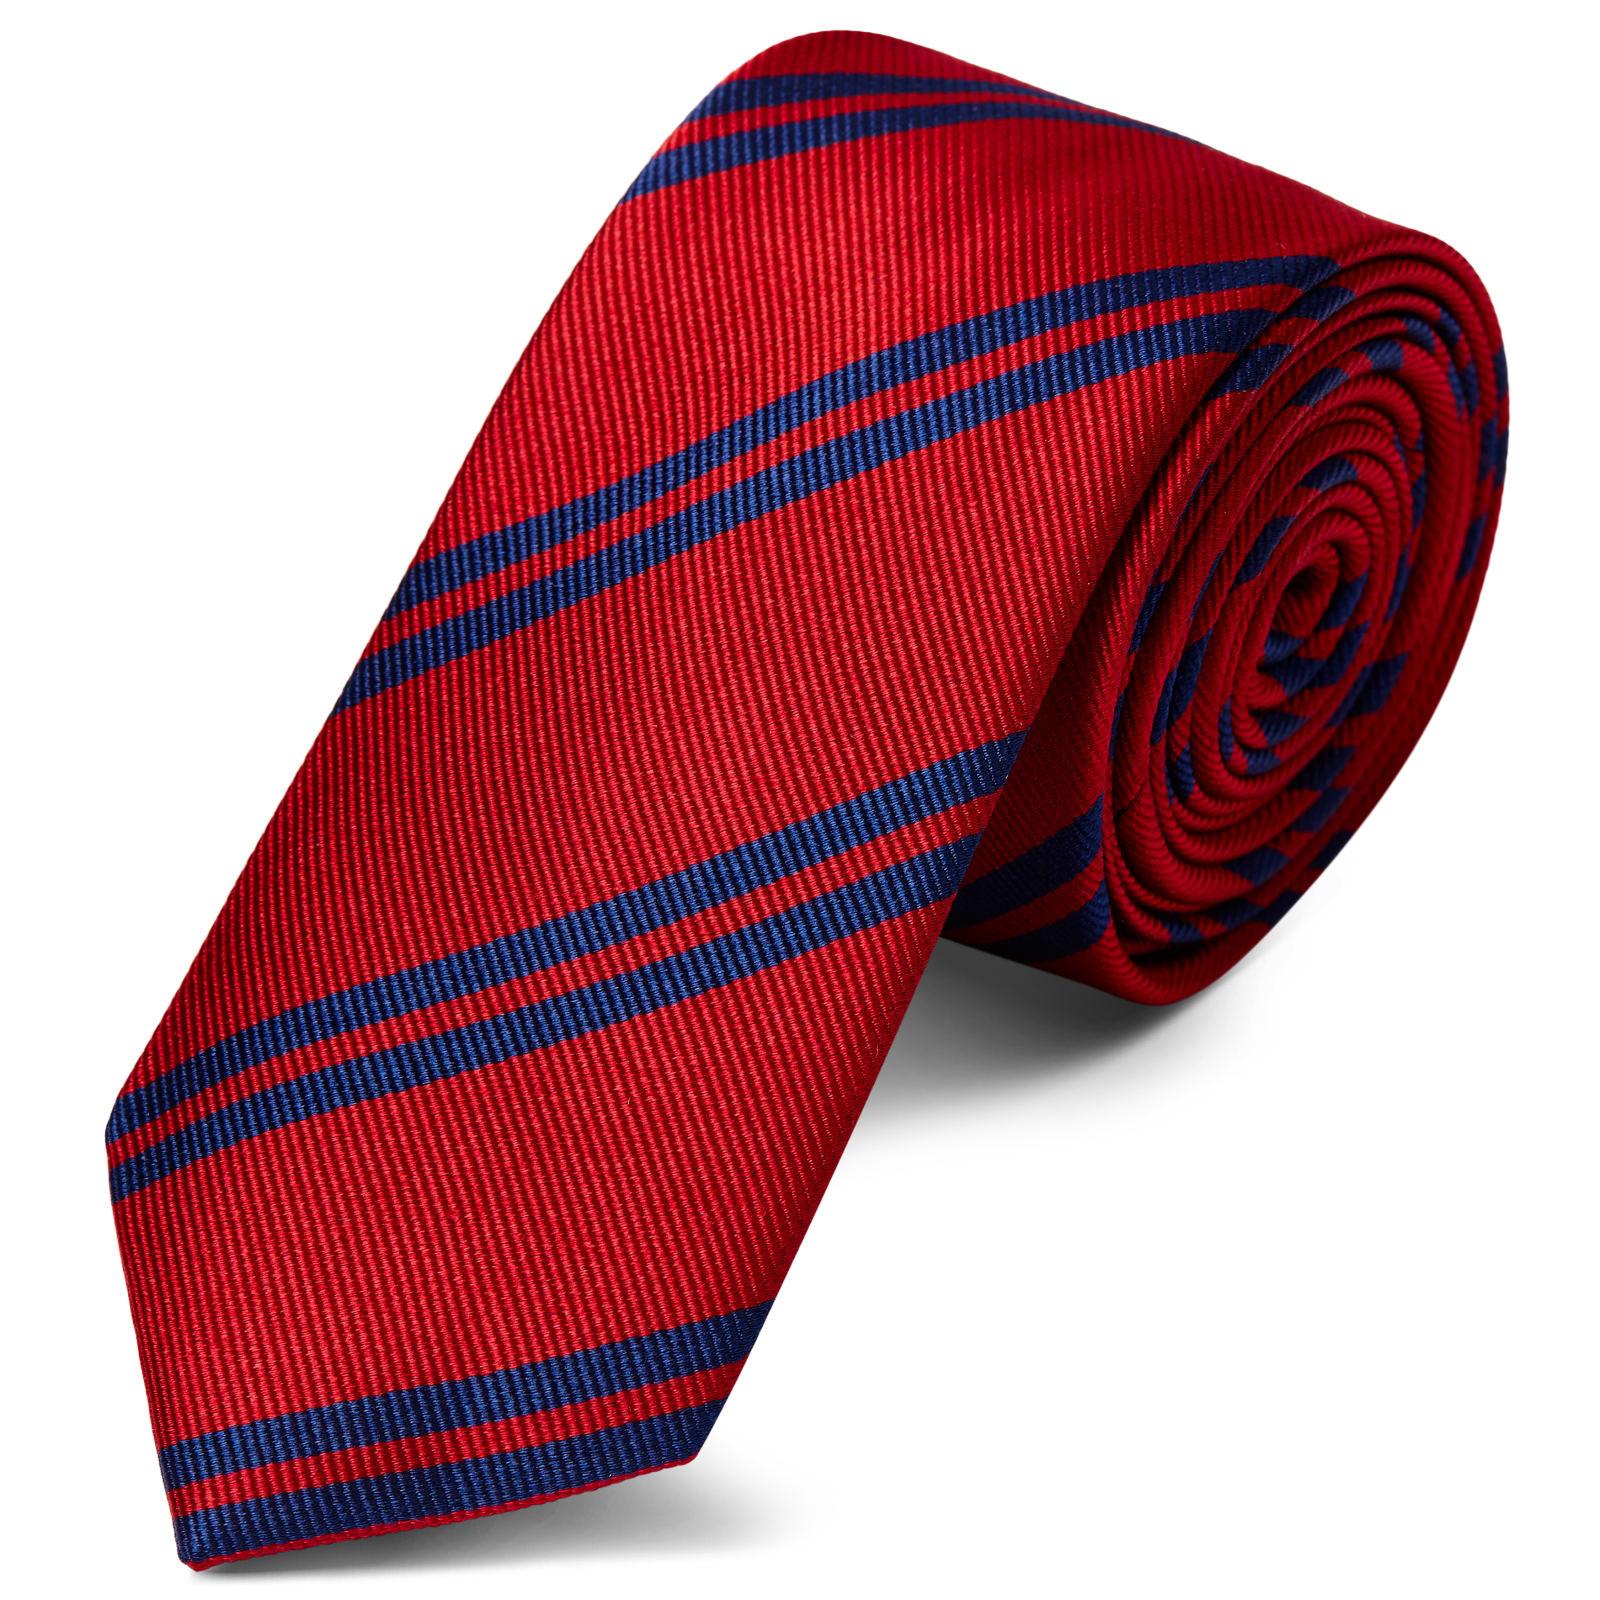 En Rayures Marine Écarlate Bleu Rouge CmPort À Soie 6 Cravate Yfgb6y7